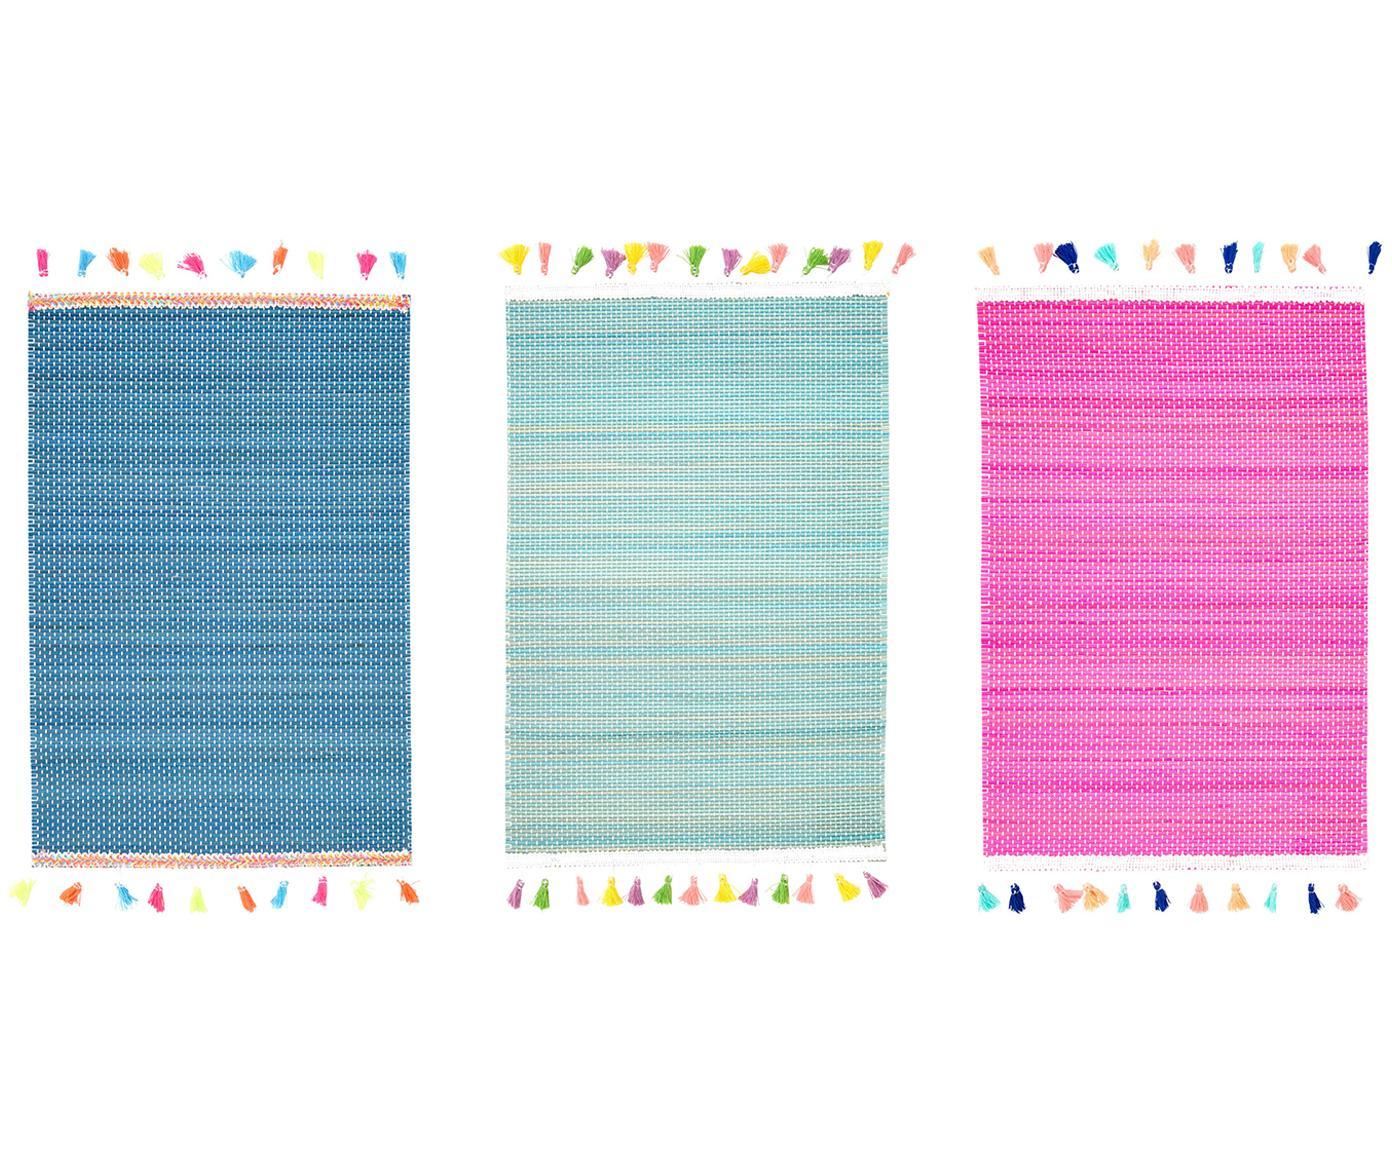 Komplet podkładek Tassel z drewna bambusowego, 3 elem., Drewno bambusowe, wiskoza, Turkusowy, niebieski, różowy, S 30 x D 40 cm